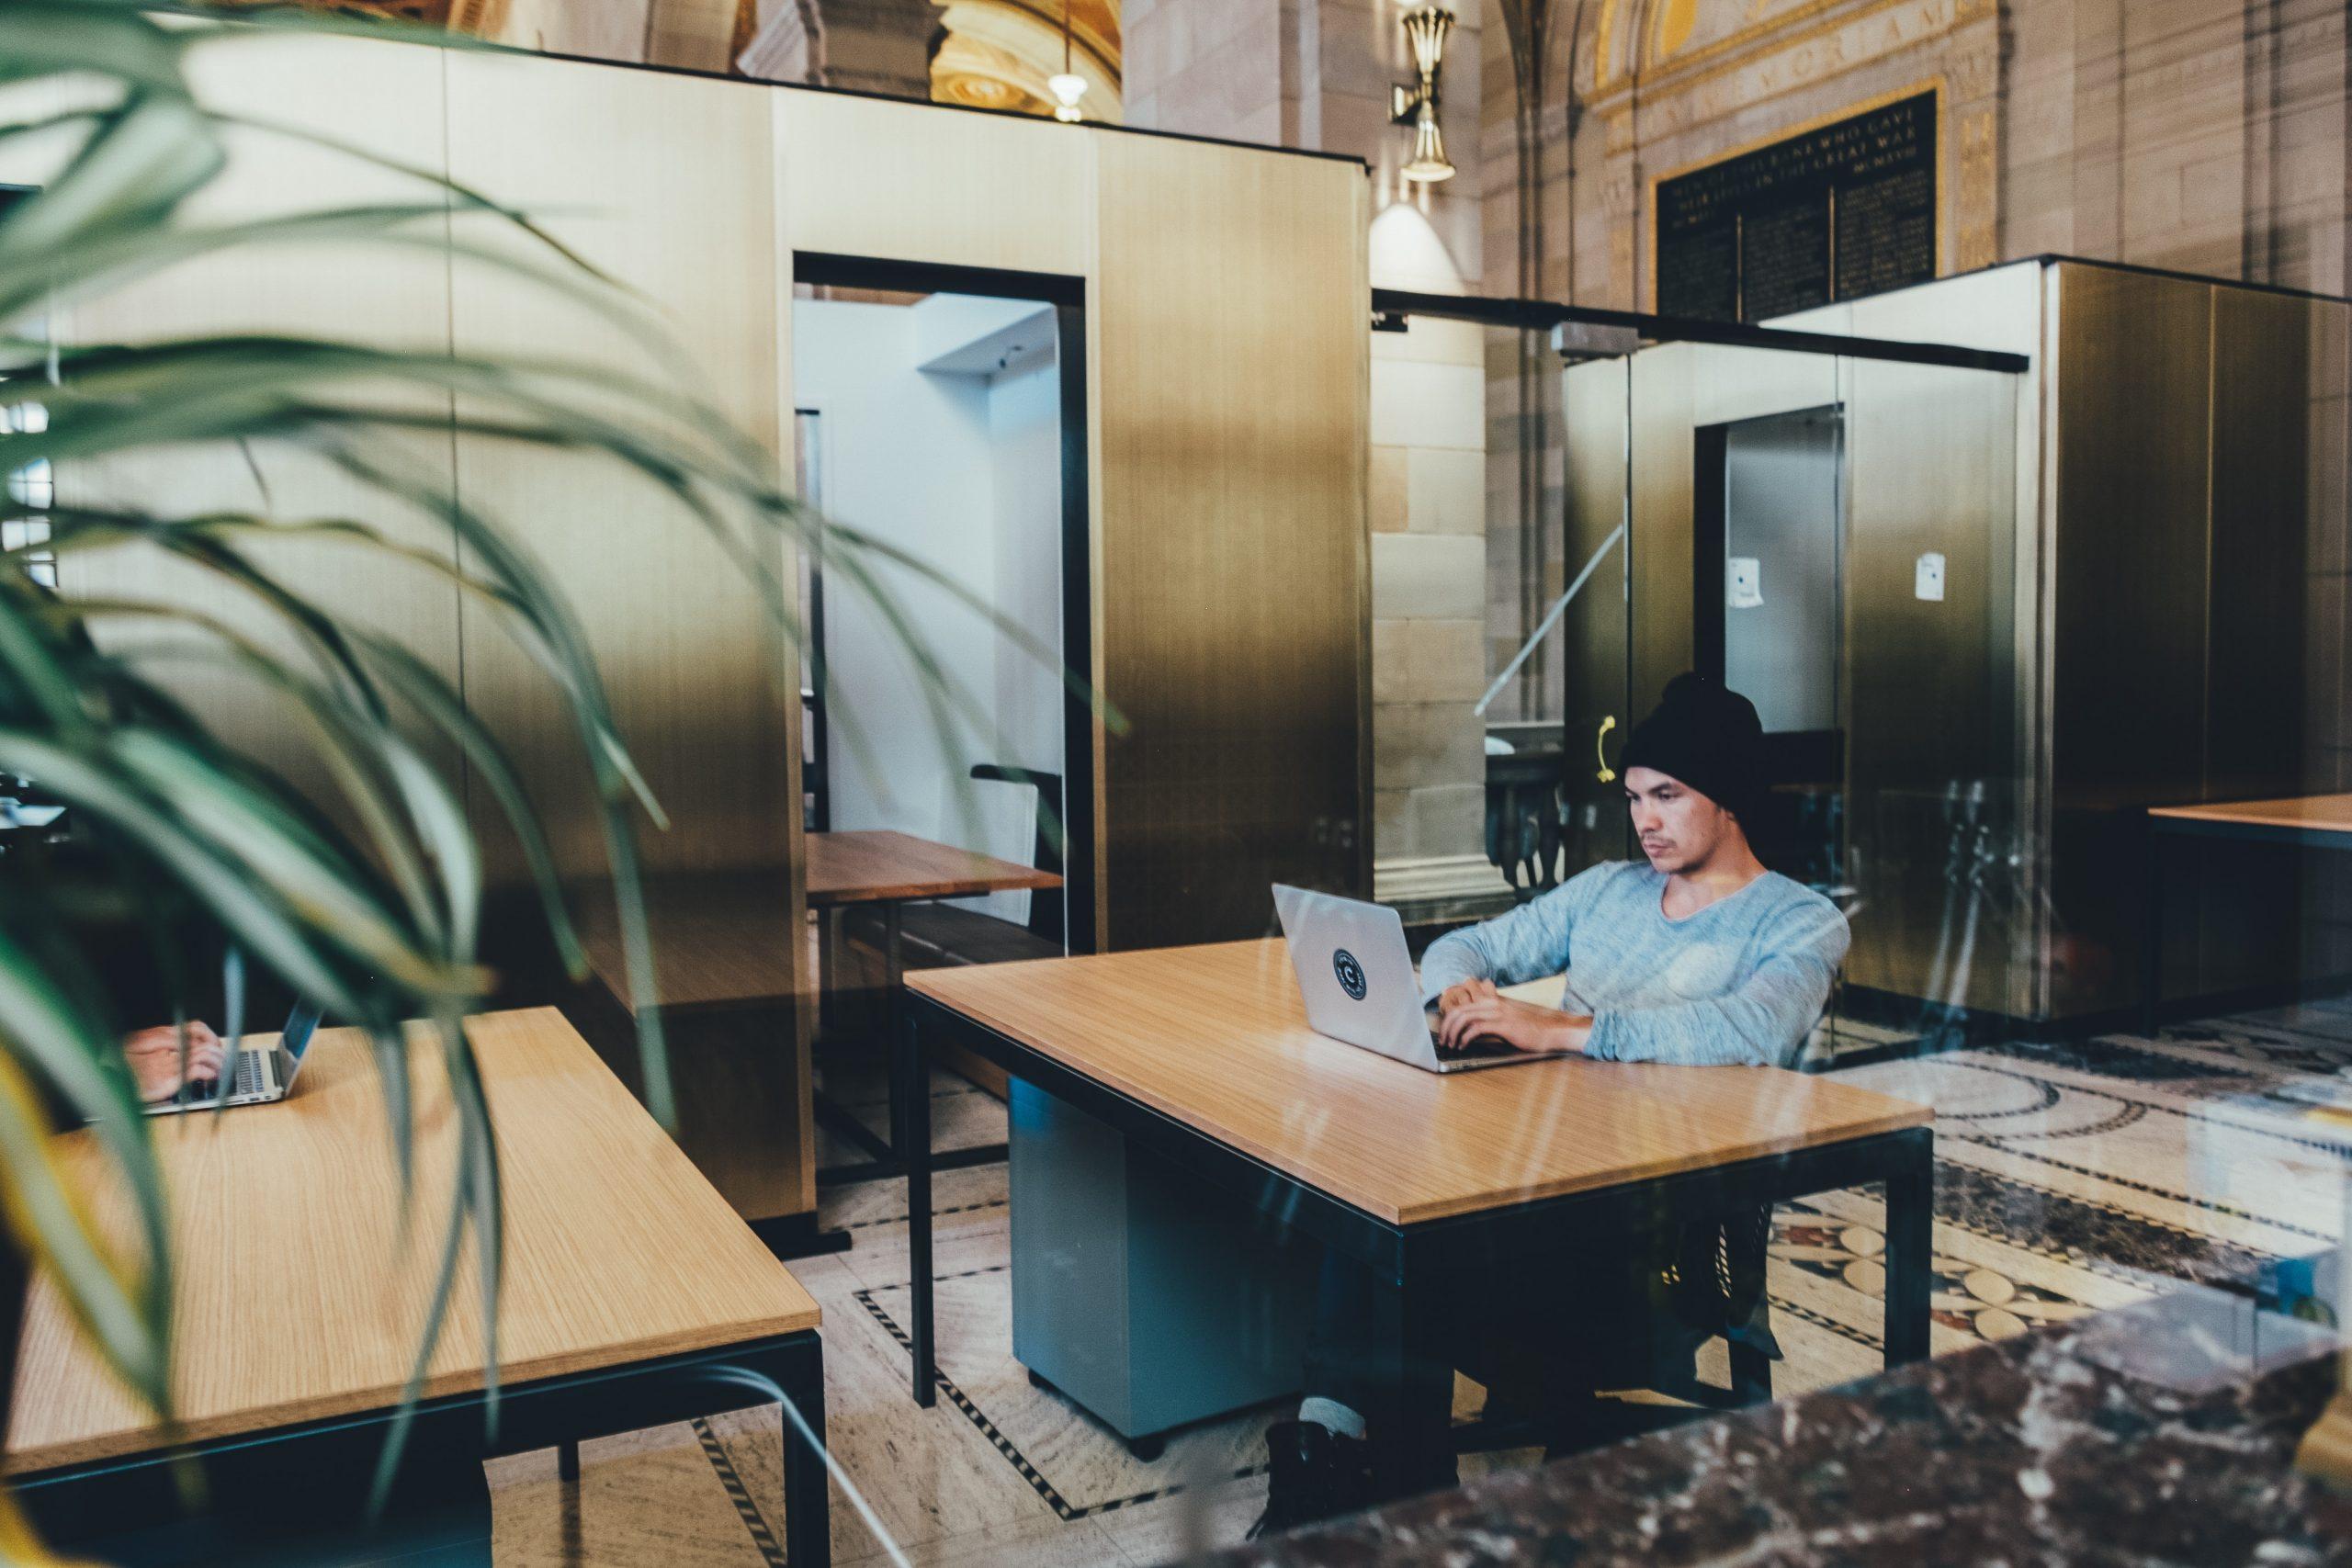 Ścianki szklane pomysłem na aranżację wnętrz